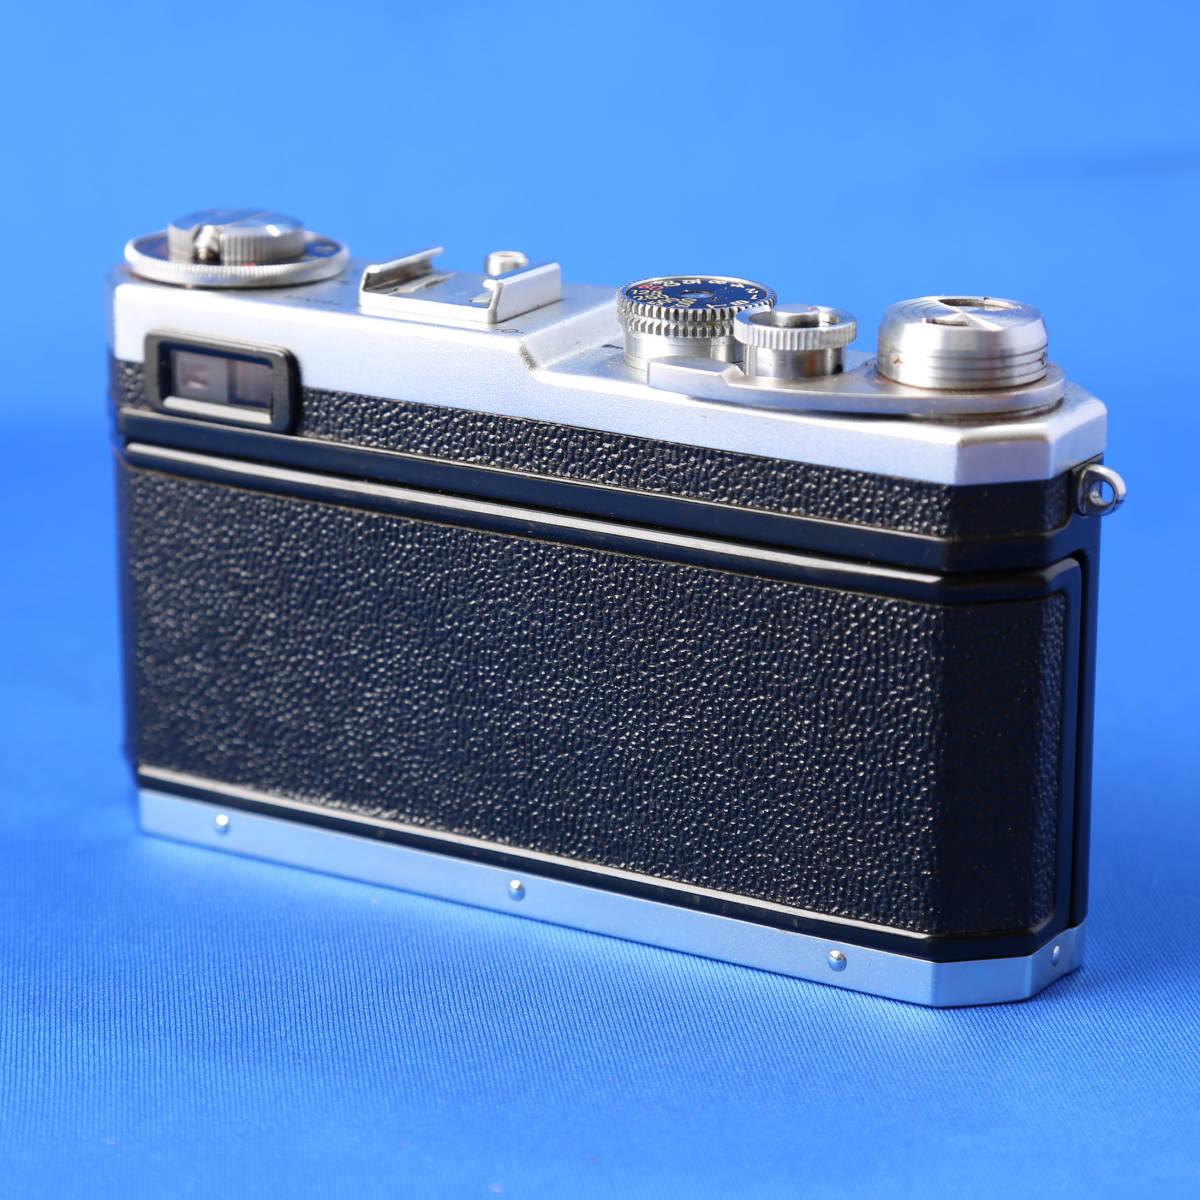 【美品】NIKON ニコン SP カメラボディ本体 フィルムカメラ クラシックカメラ オールドレンズ等が趣味の方にお薦めです